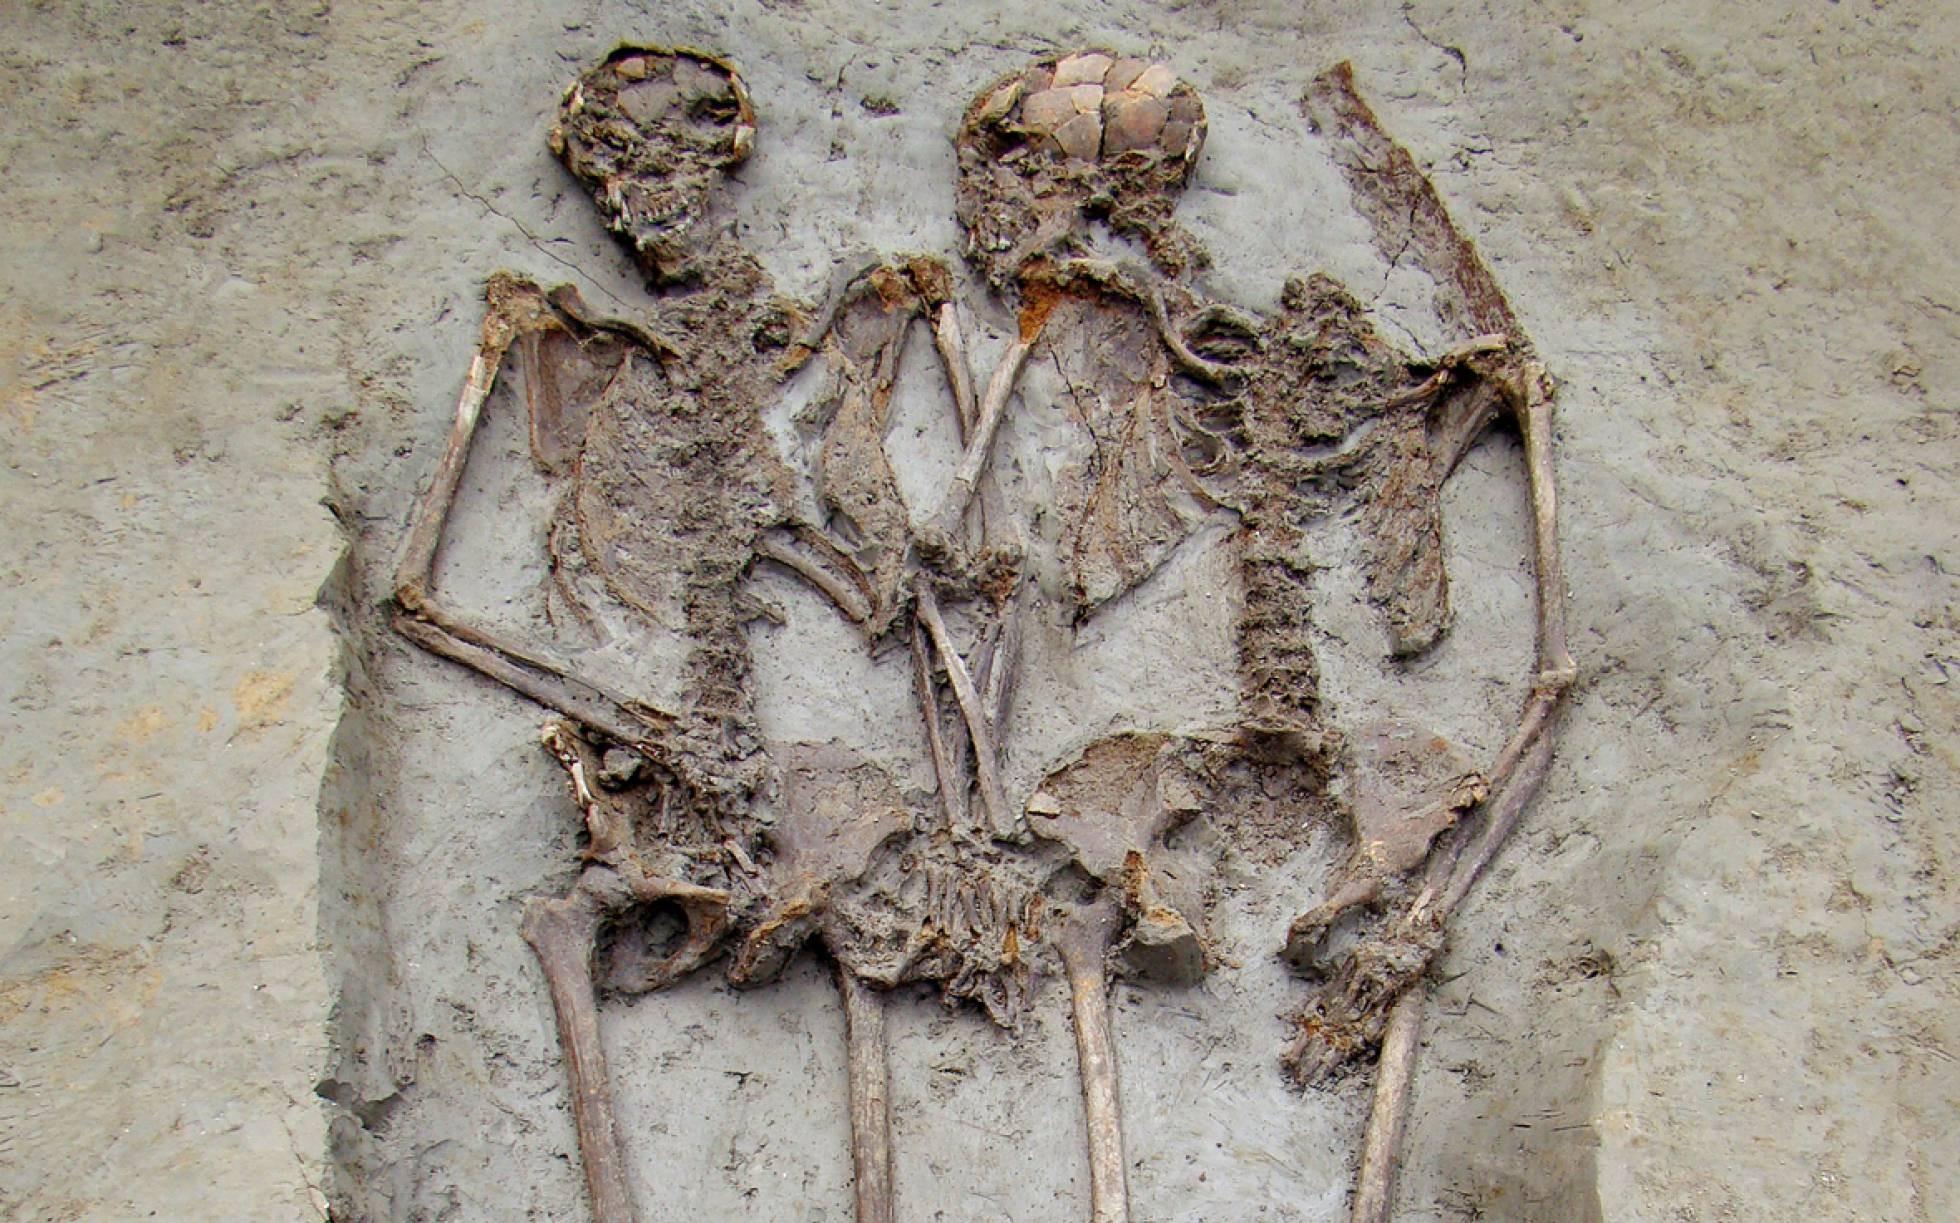 Esqueletos conhecidos como 'amantes de Modena' eram homens, indica estudo - Notícias - Plantão Diário